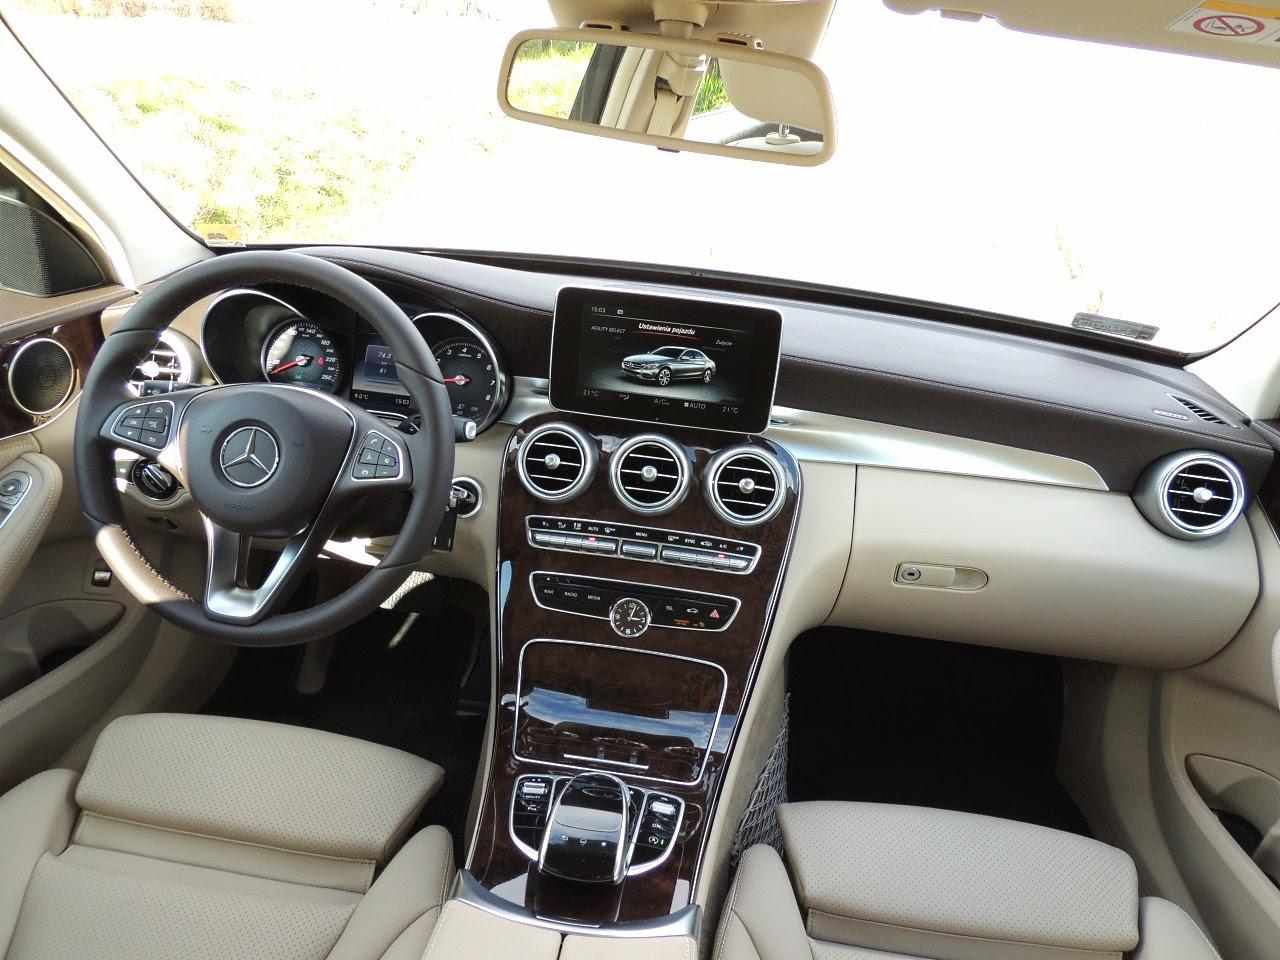 Mercedes Klasy C - wnętrze